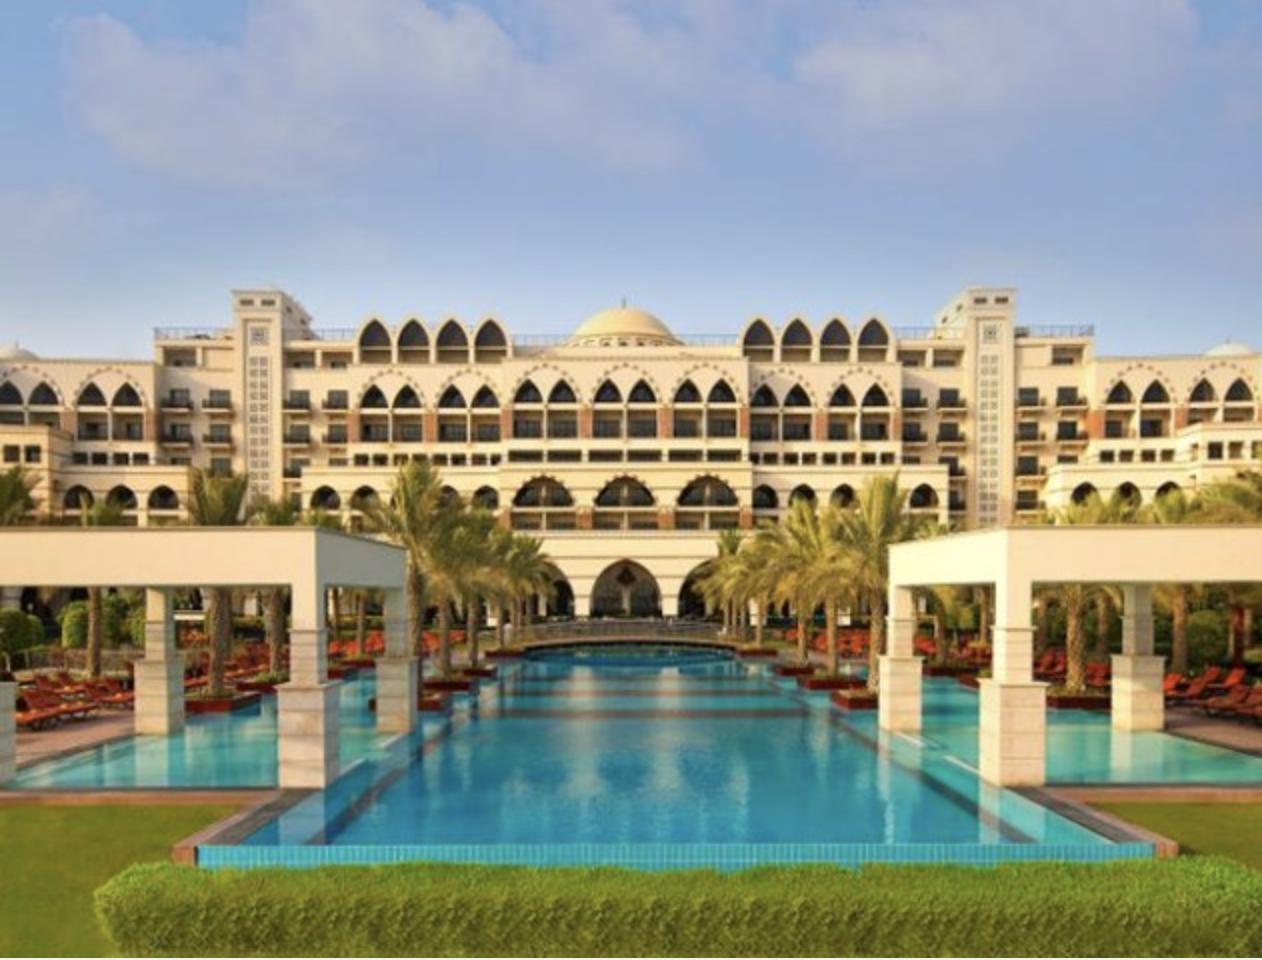 Jumeirah Zabeel Saray Day Pass review